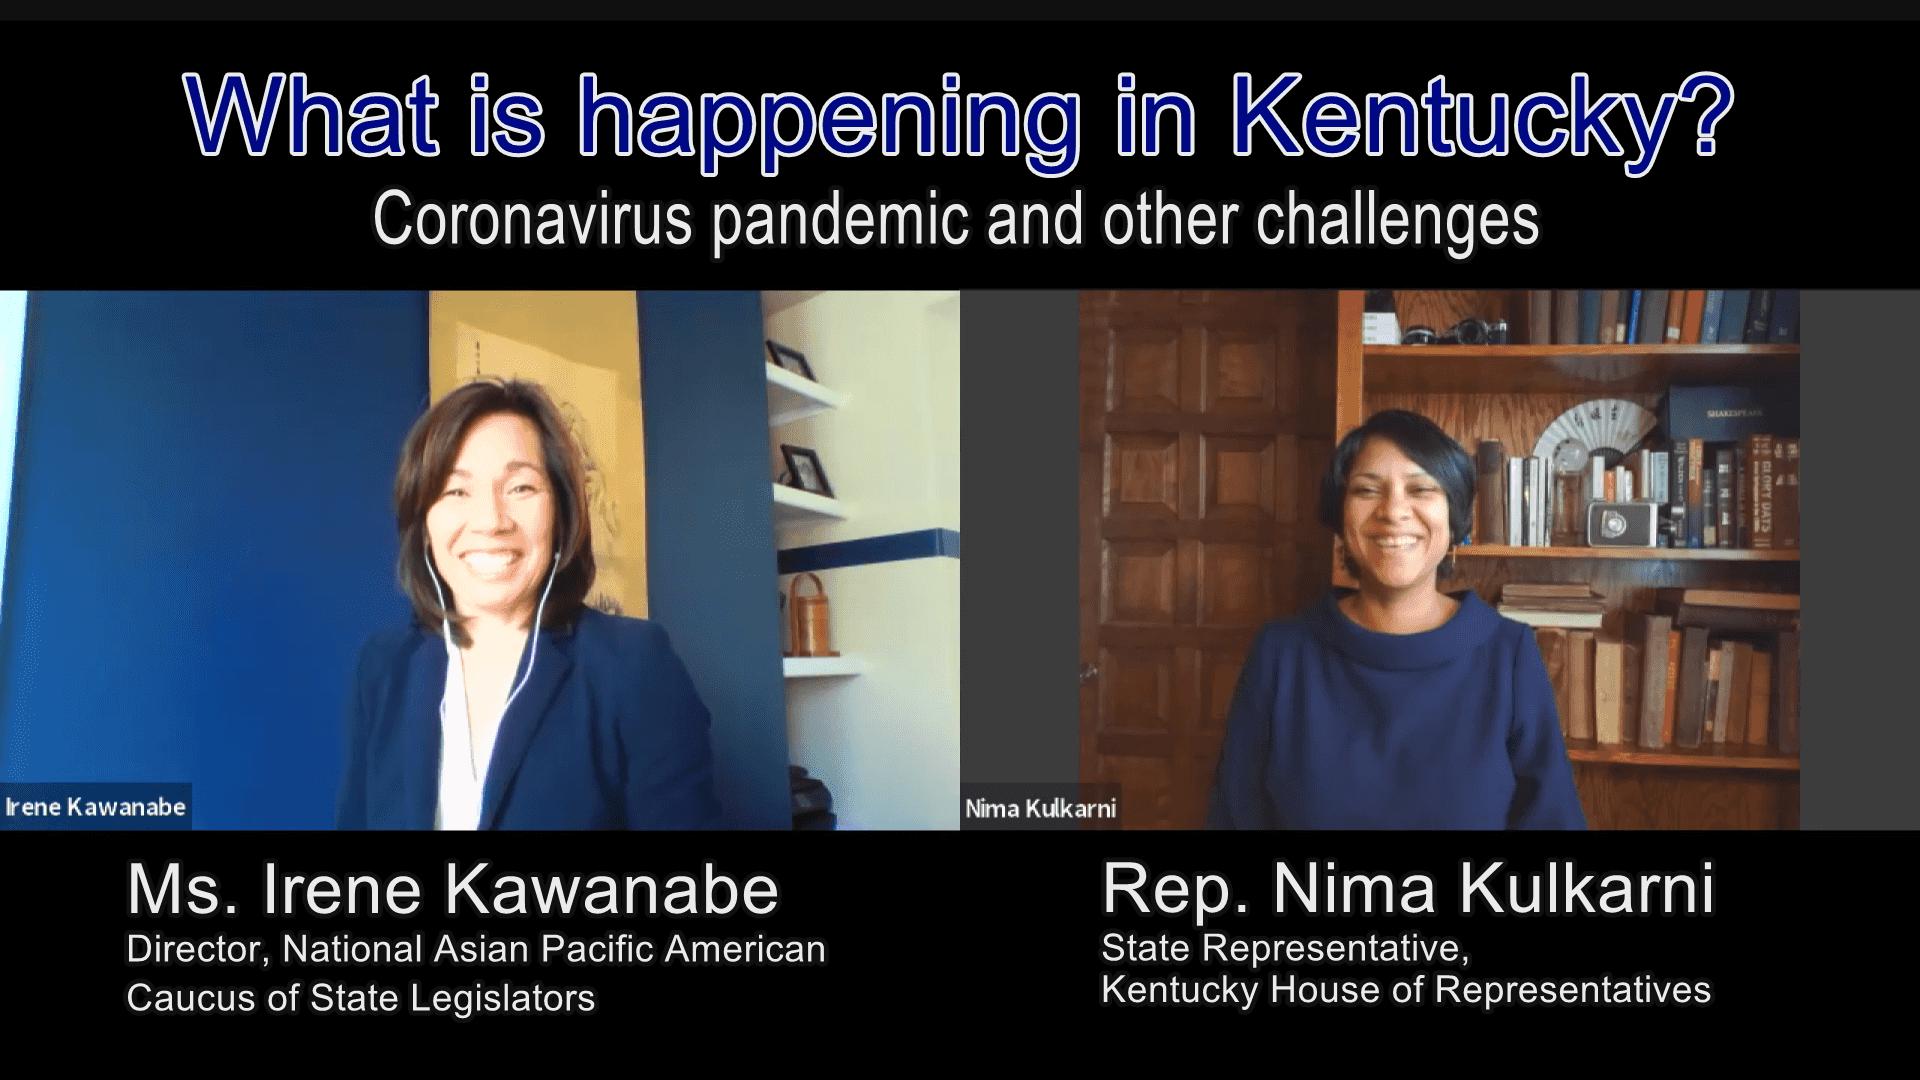 【動画】今ケンタッキー州では何が起きているのか?~COVID-19との戦い、そして社会的課題~